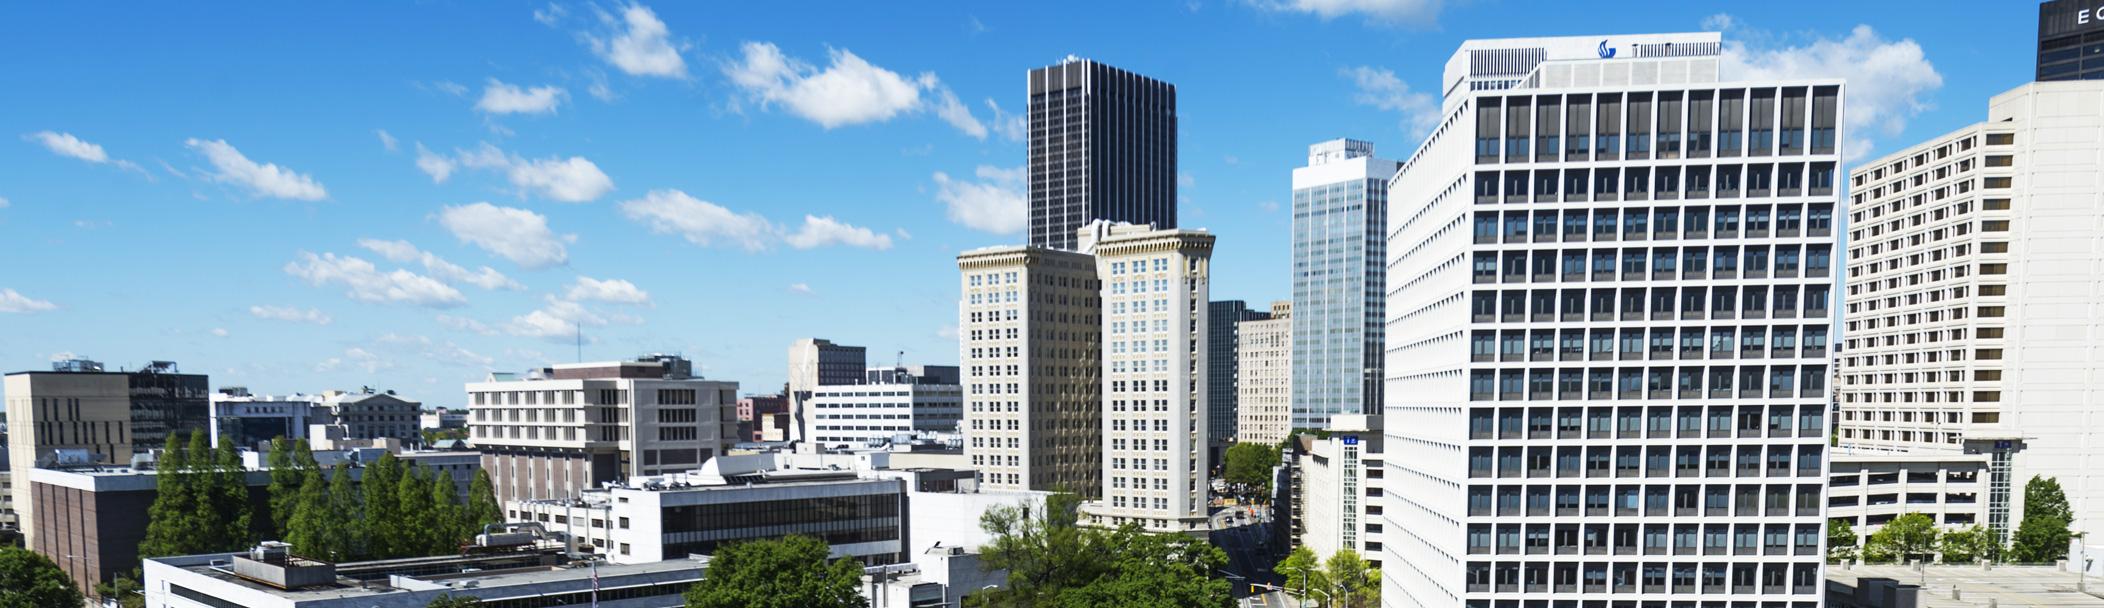 GSU Buildings